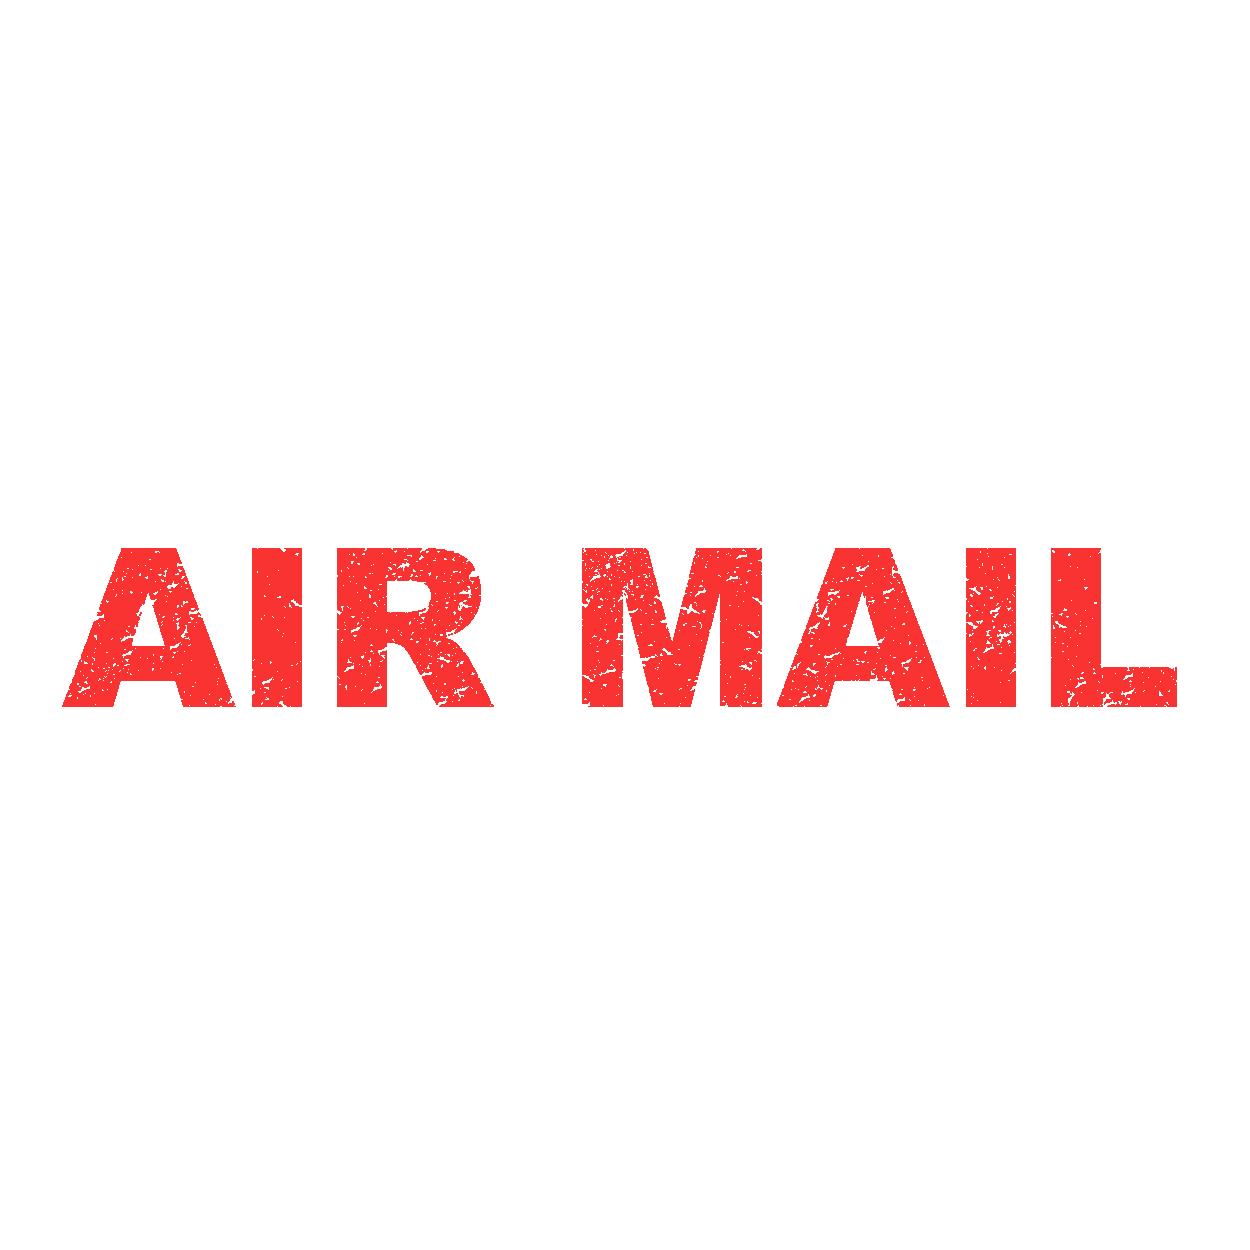 海外郵便用 air mail(エアメール)シンプル スタンプのイラスト | 商用